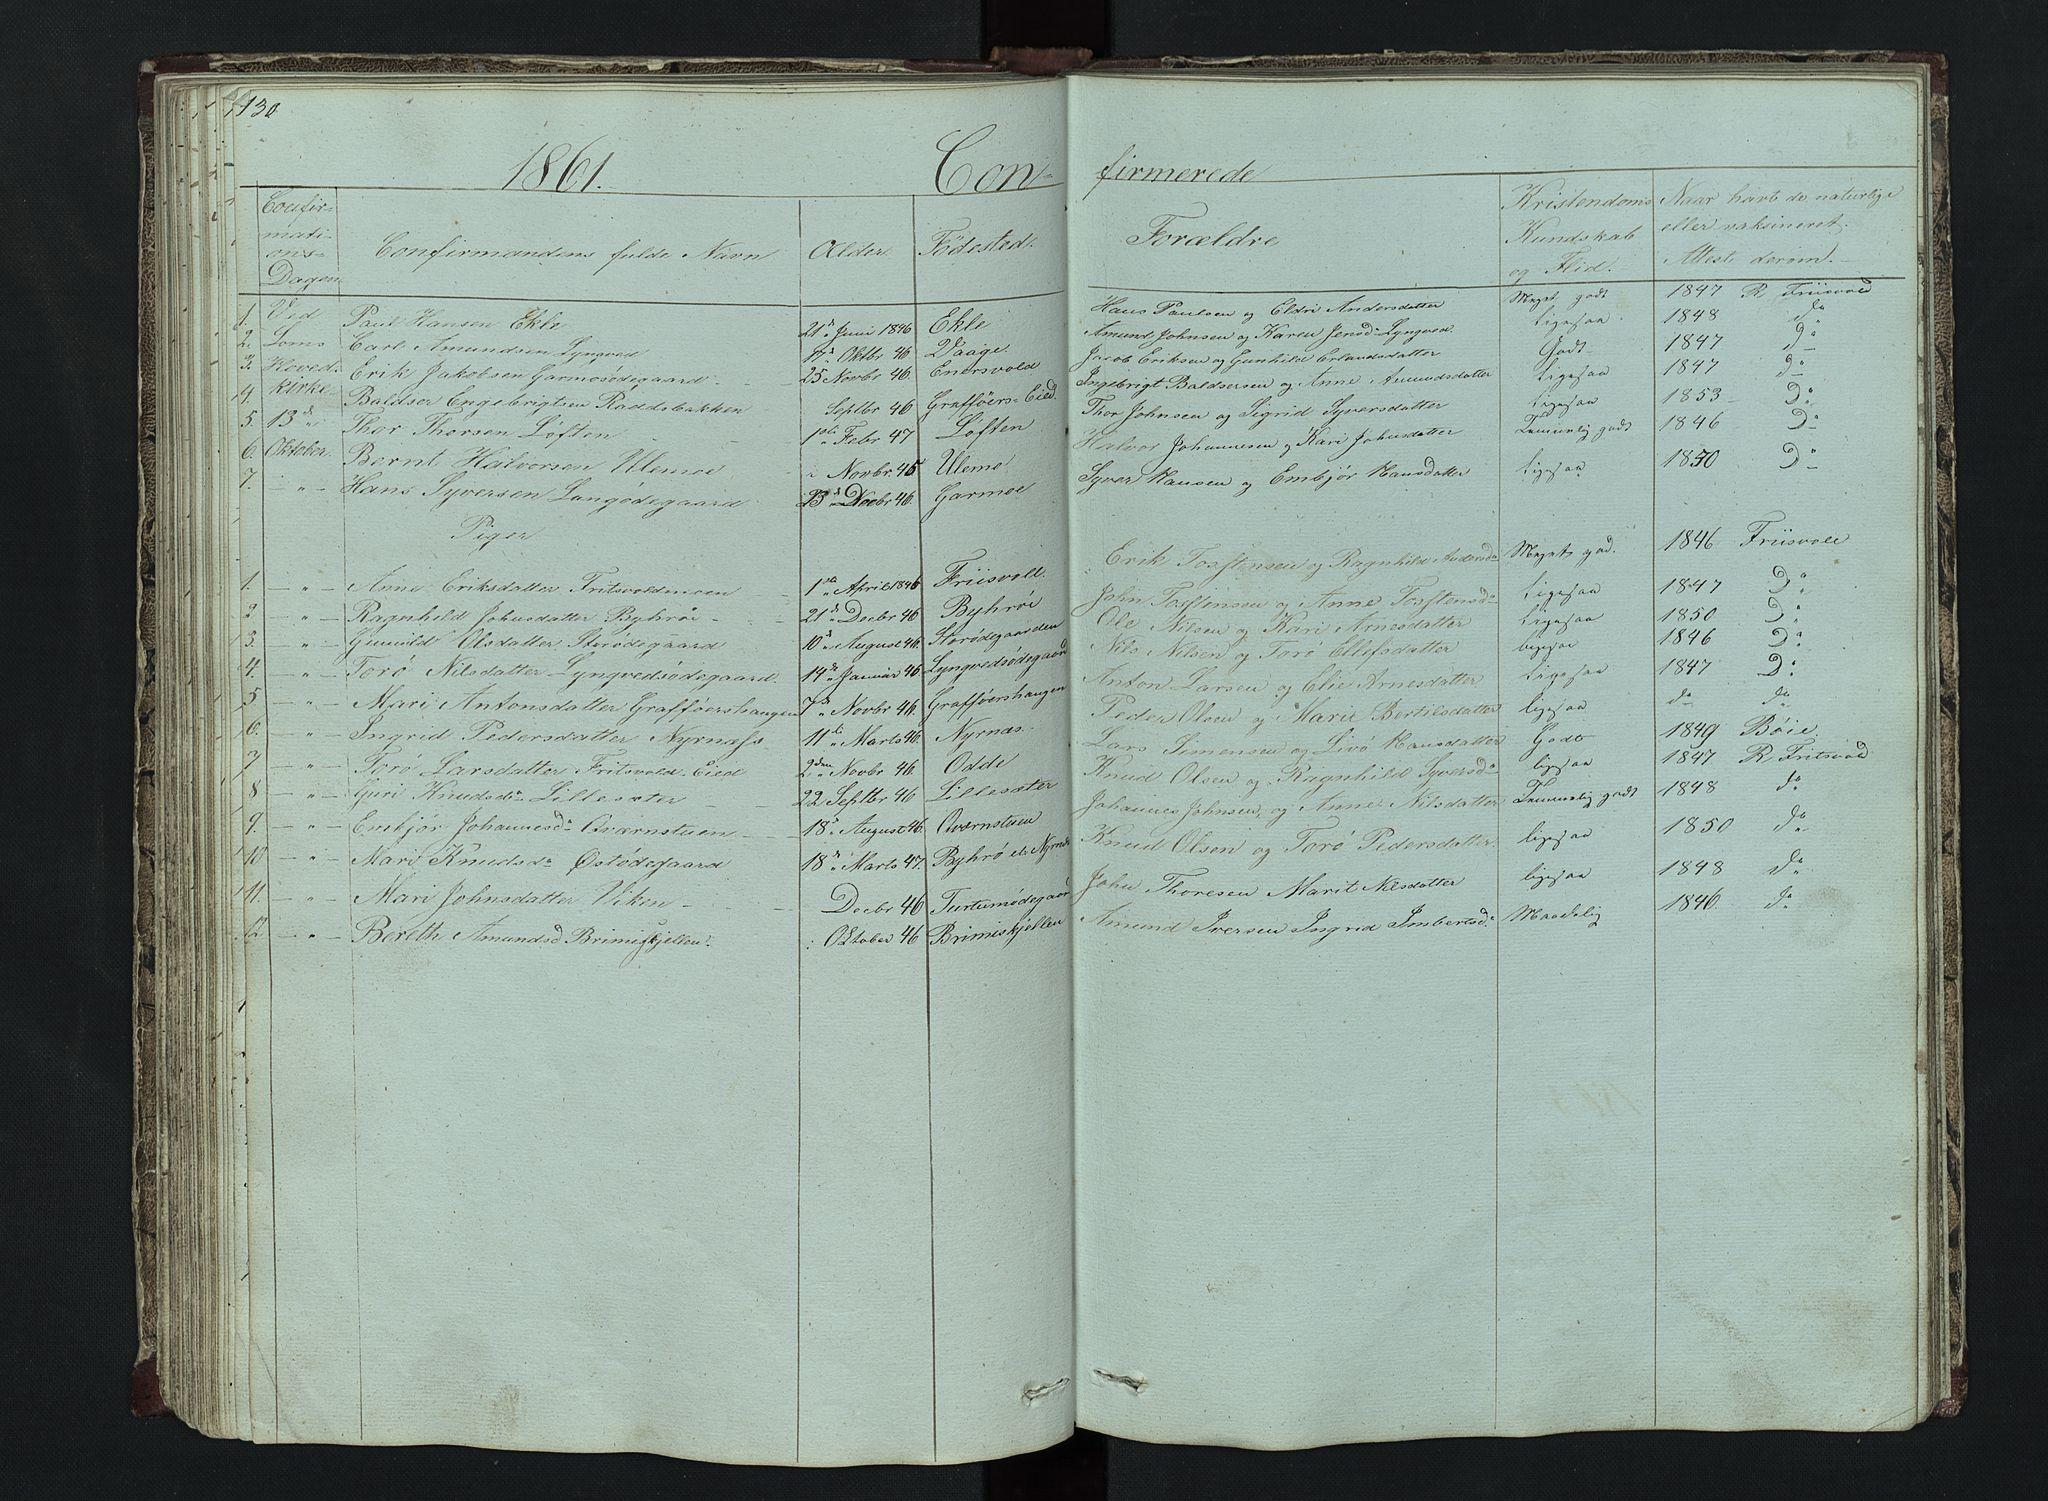 SAH, Lom prestekontor, L/L0014: Klokkerbok nr. 14, 1845-1876, s. 130-131